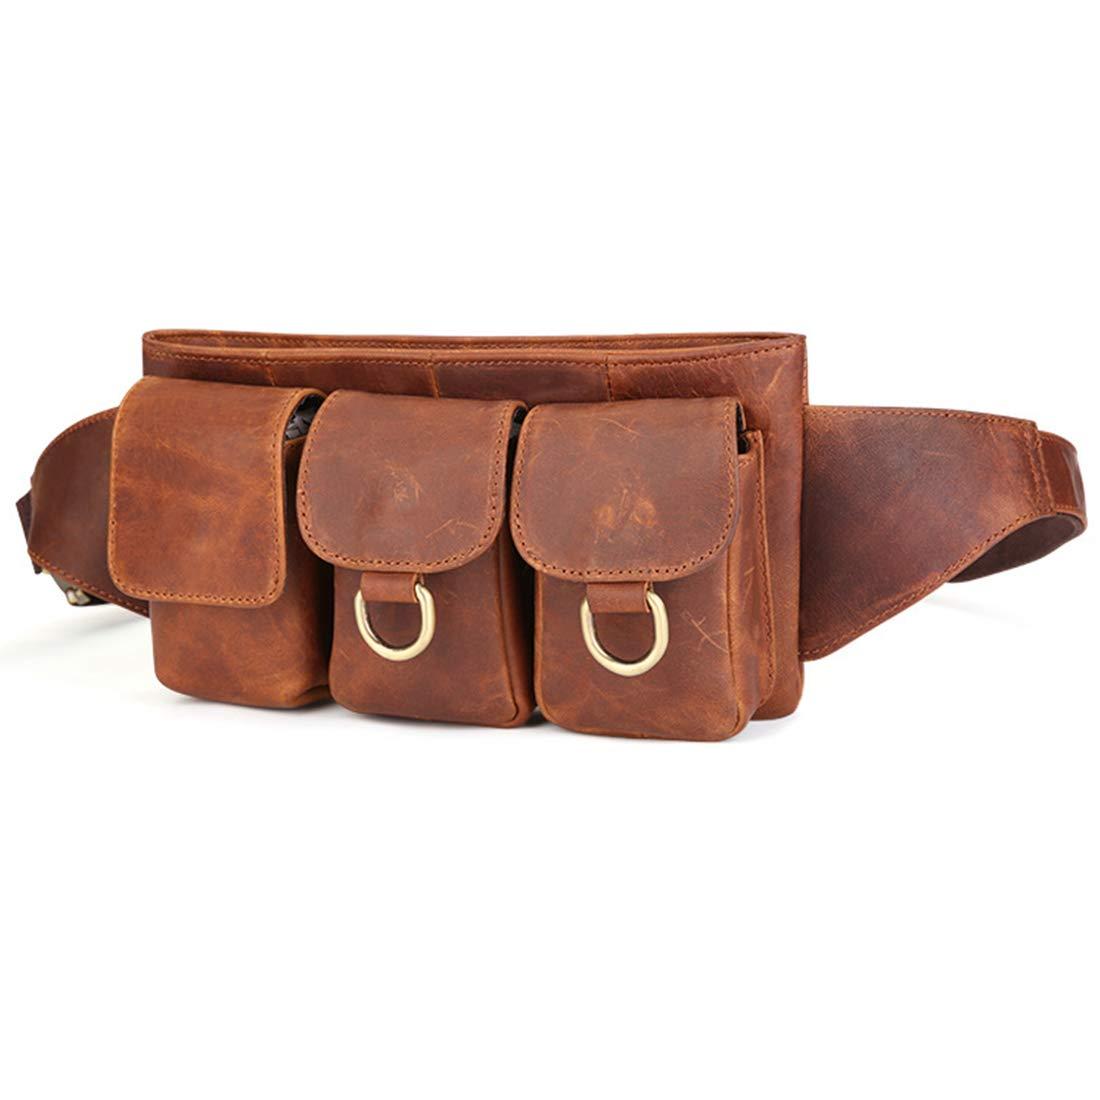 MAGAI Ledergürteltasche -  Herren Hüftgürteltasche - Multifunktionstasche mit Hüfttasche für Herren - Mehrere Taschen & robuste Reißverschlüsse Ideal zum Wandern beim Radfahren (Farbe : Braun)